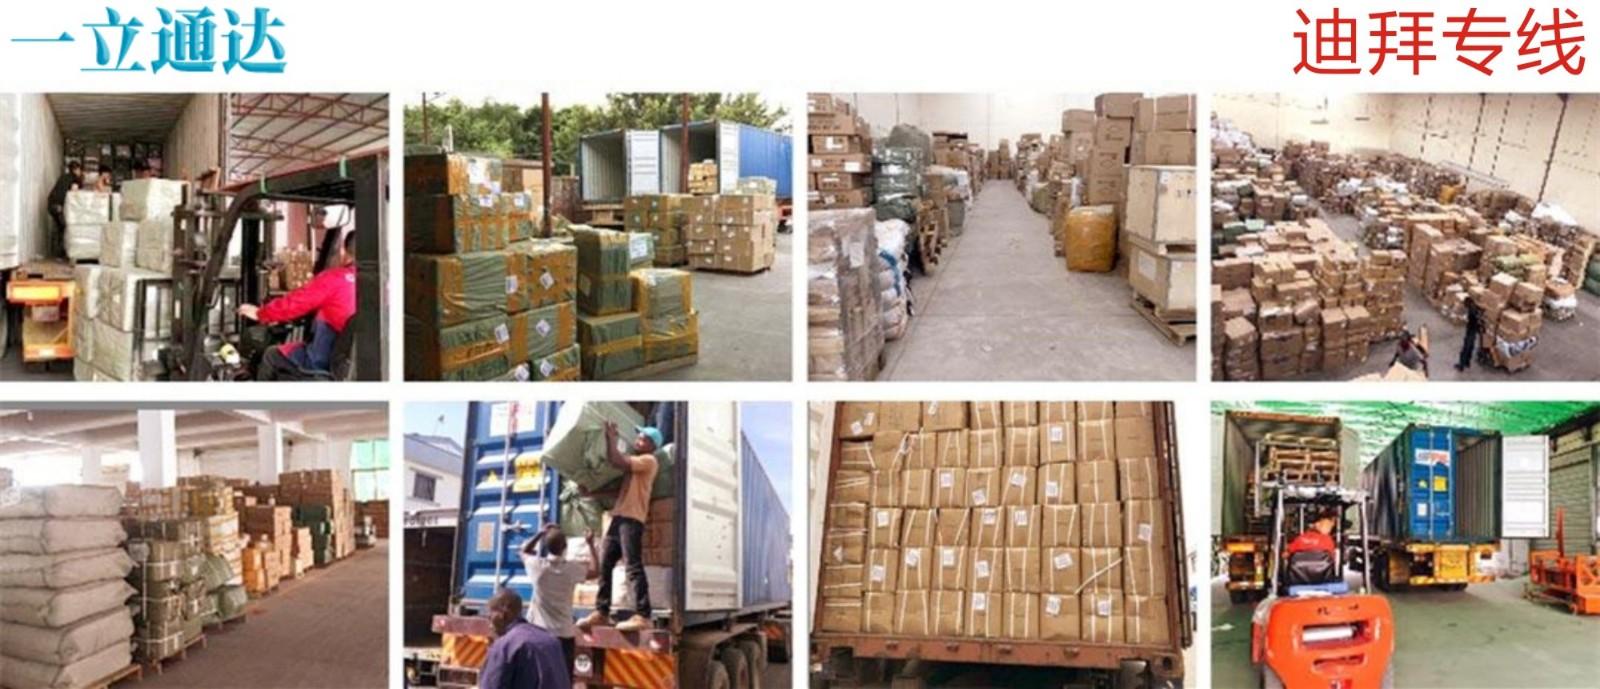 电商小包-中国到迪拜空运电话-深圳一立通达国际物流有限公司